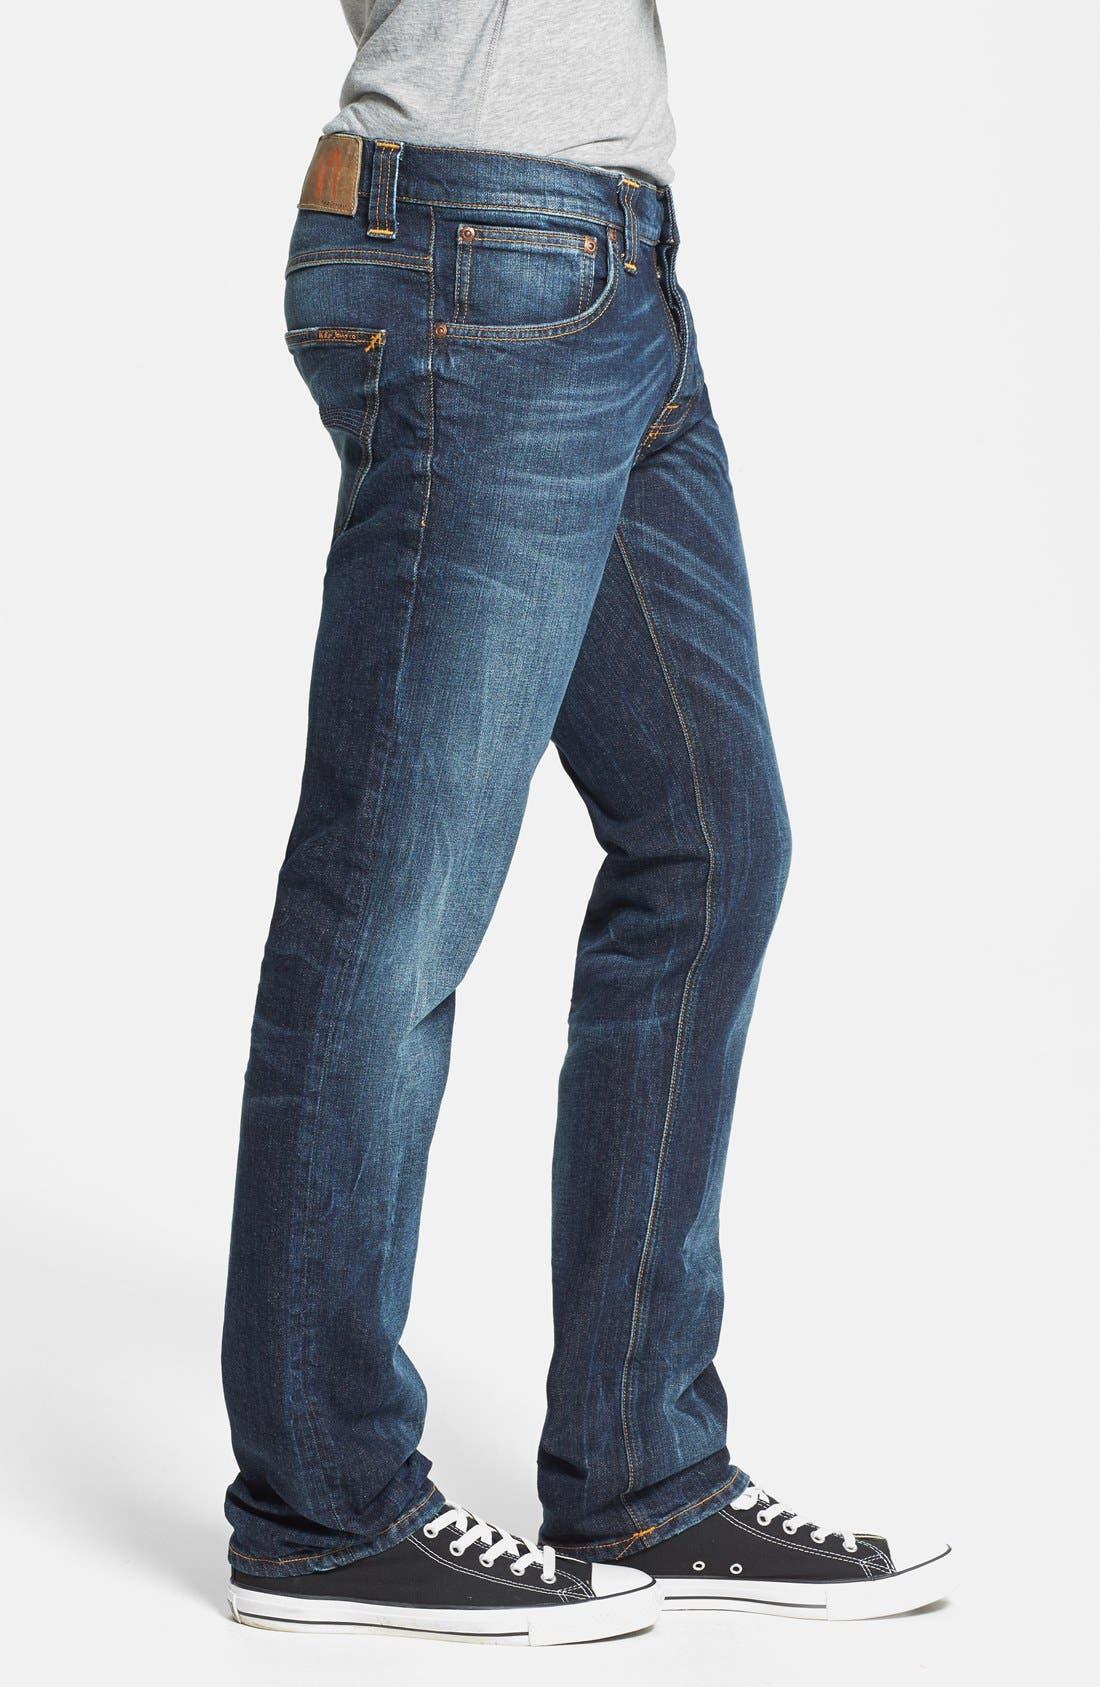 Alternate Image 3  - Nudie Jeans 'Grim Tim' Skinny Fit Jeans (Organic Clean Dark Blue)